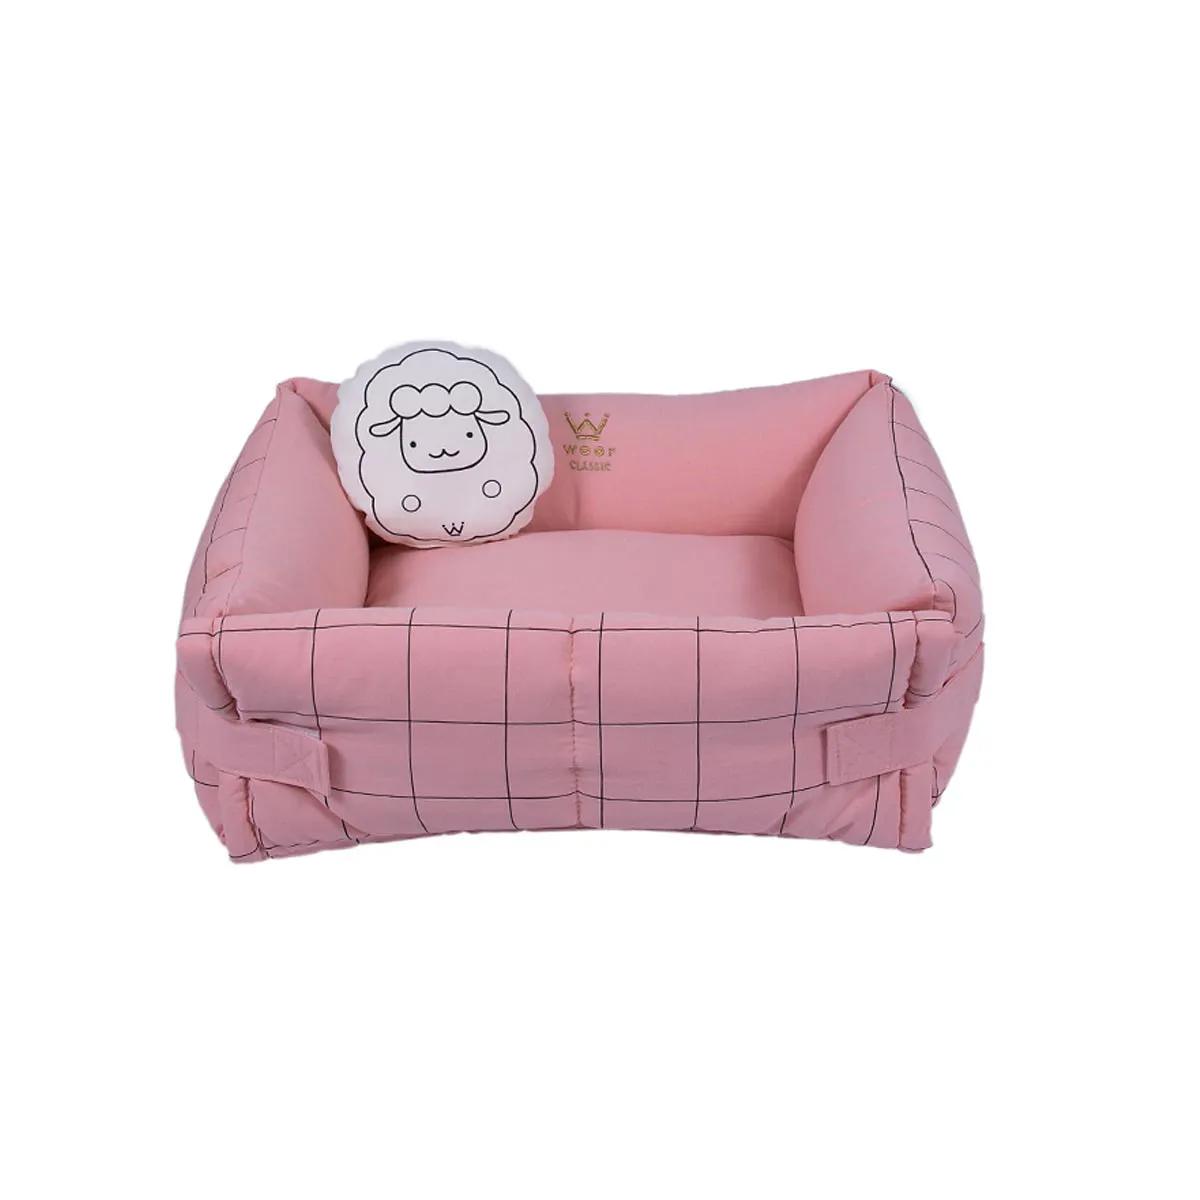 Cama para Cachorro e Gato Woof Pet Couch Grid Sarja / Linho Rose Sheep Grid